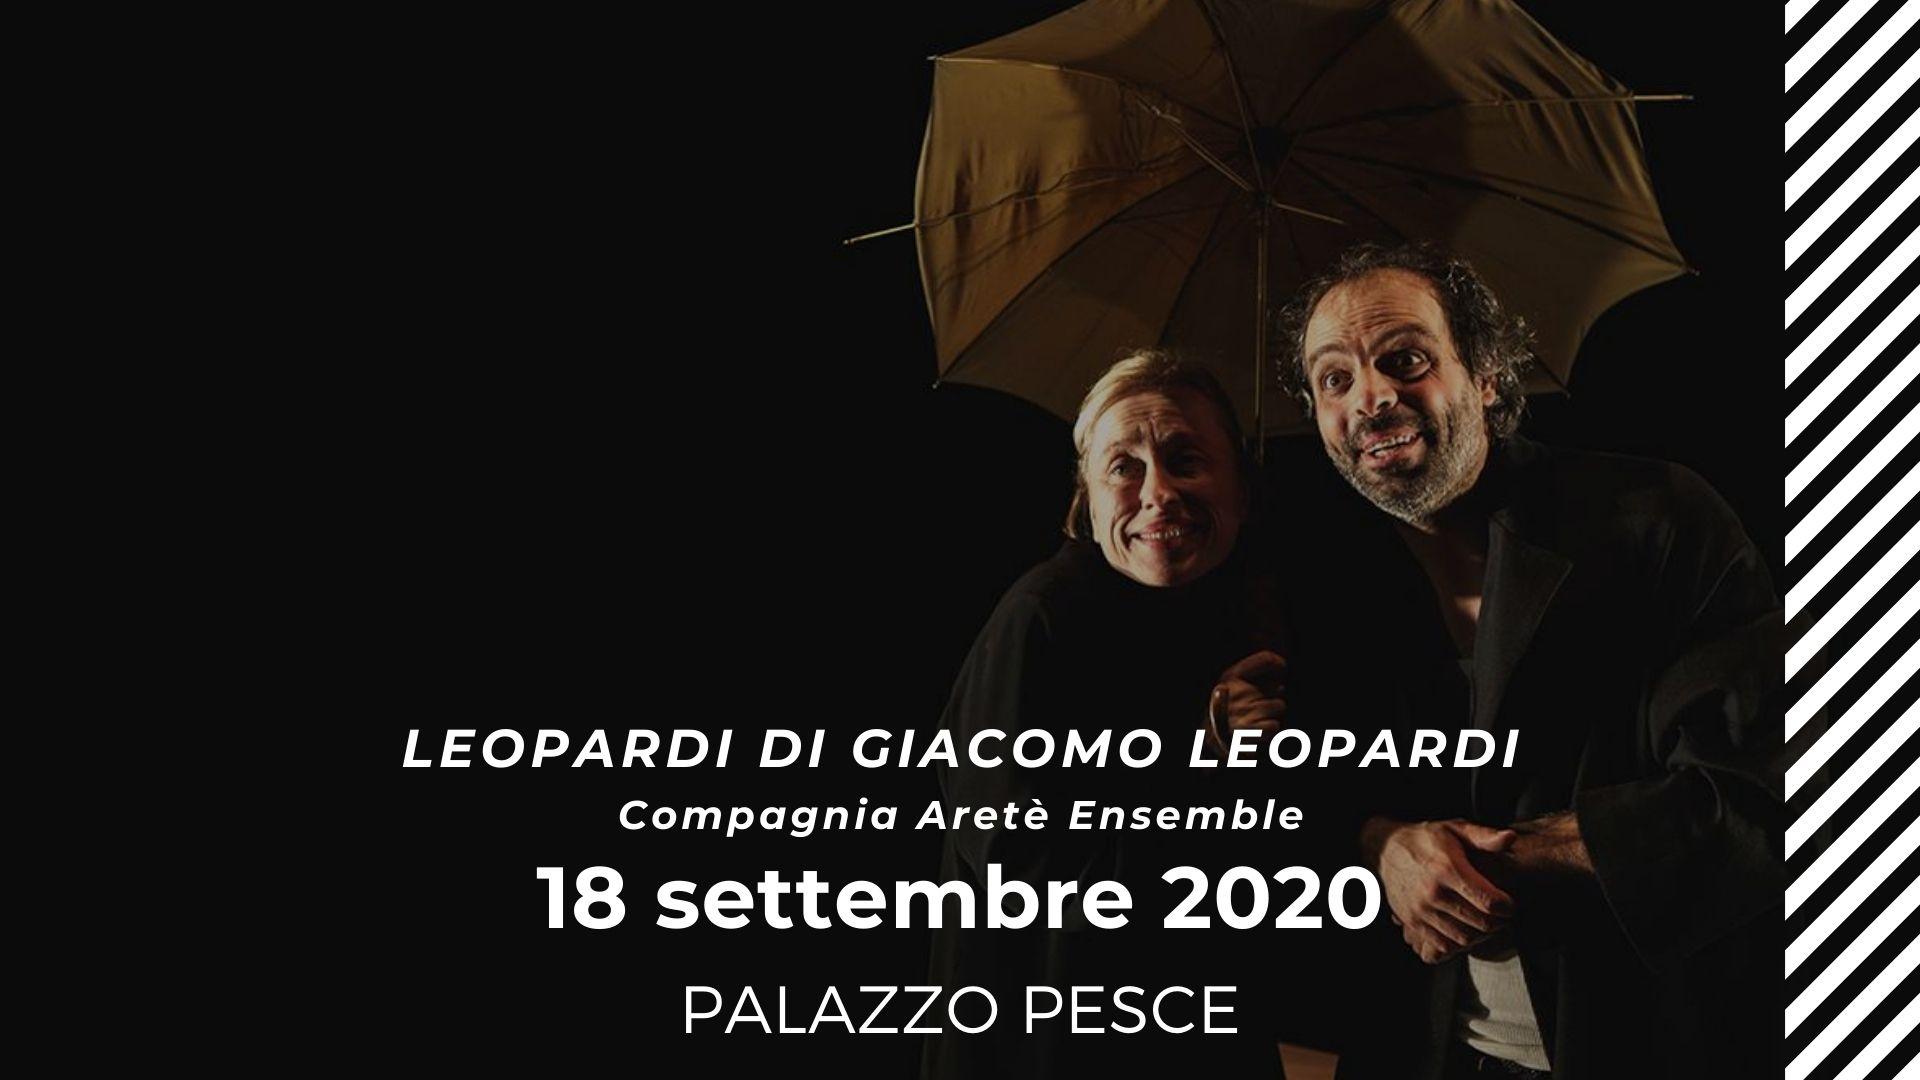 18 settembre 2020 Leopardi con la compagnia Aretè Ensemble a Palazzo Pesce